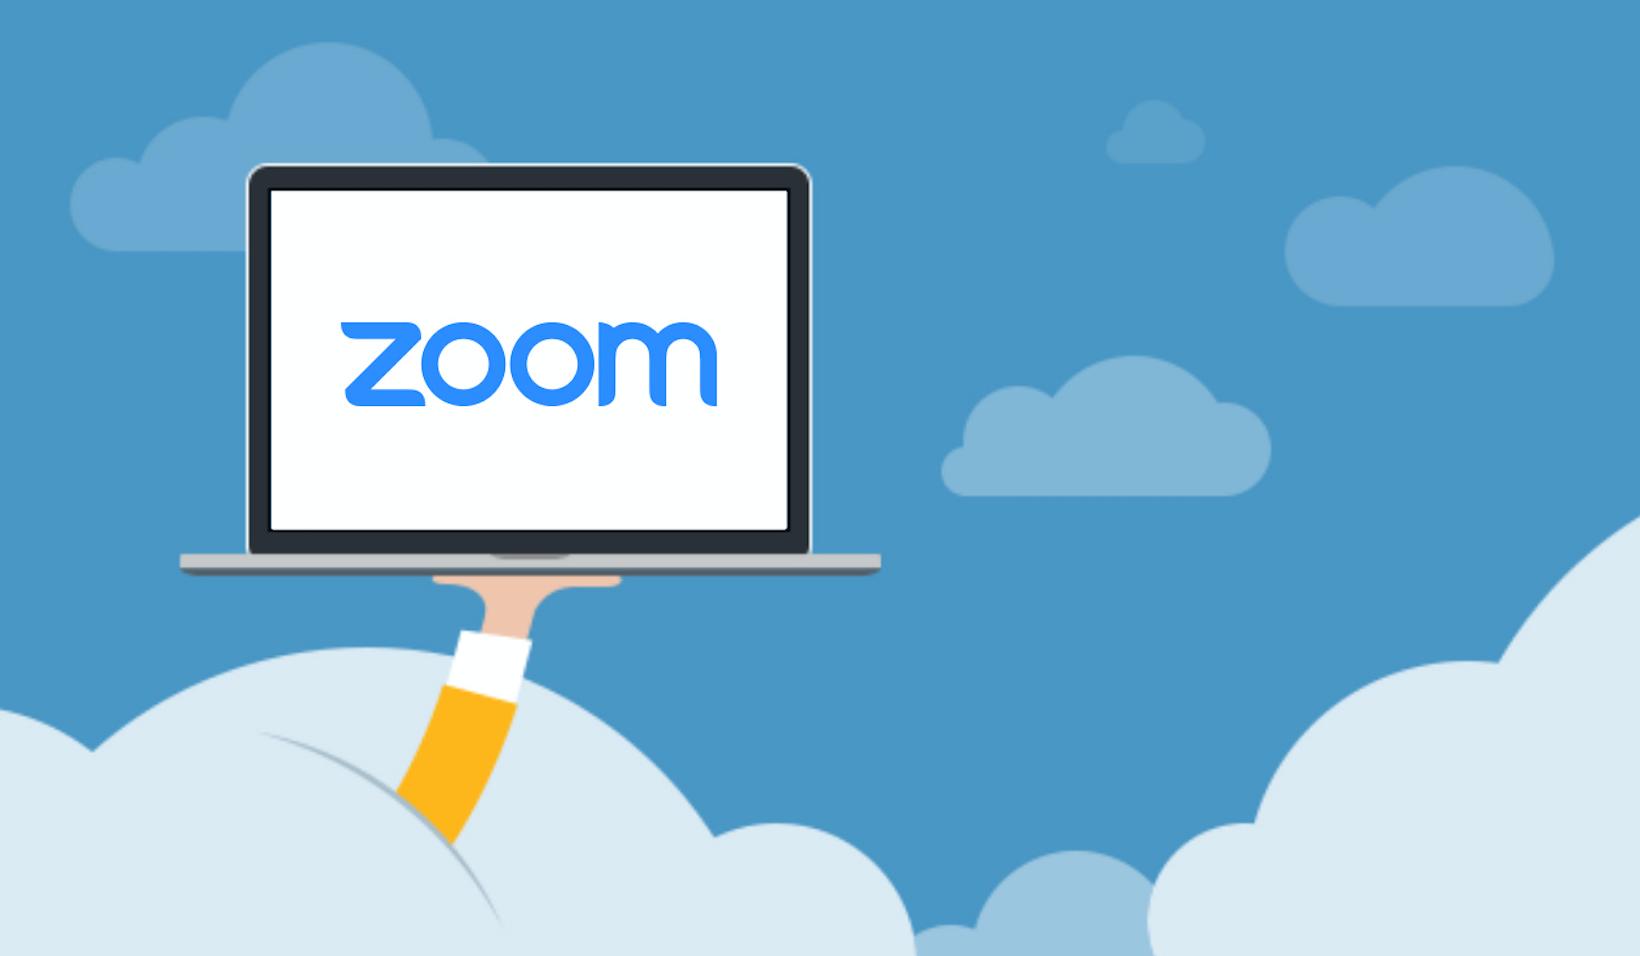 <p><span>Il corso si terrà online sulla piattaforma Zoom.</span></p> <p><em>LS Academy fornirà il link di accesso alla piattaforma a tutti i partecipanti alcuni giorni prima dell'inizio del corso.</em></p>